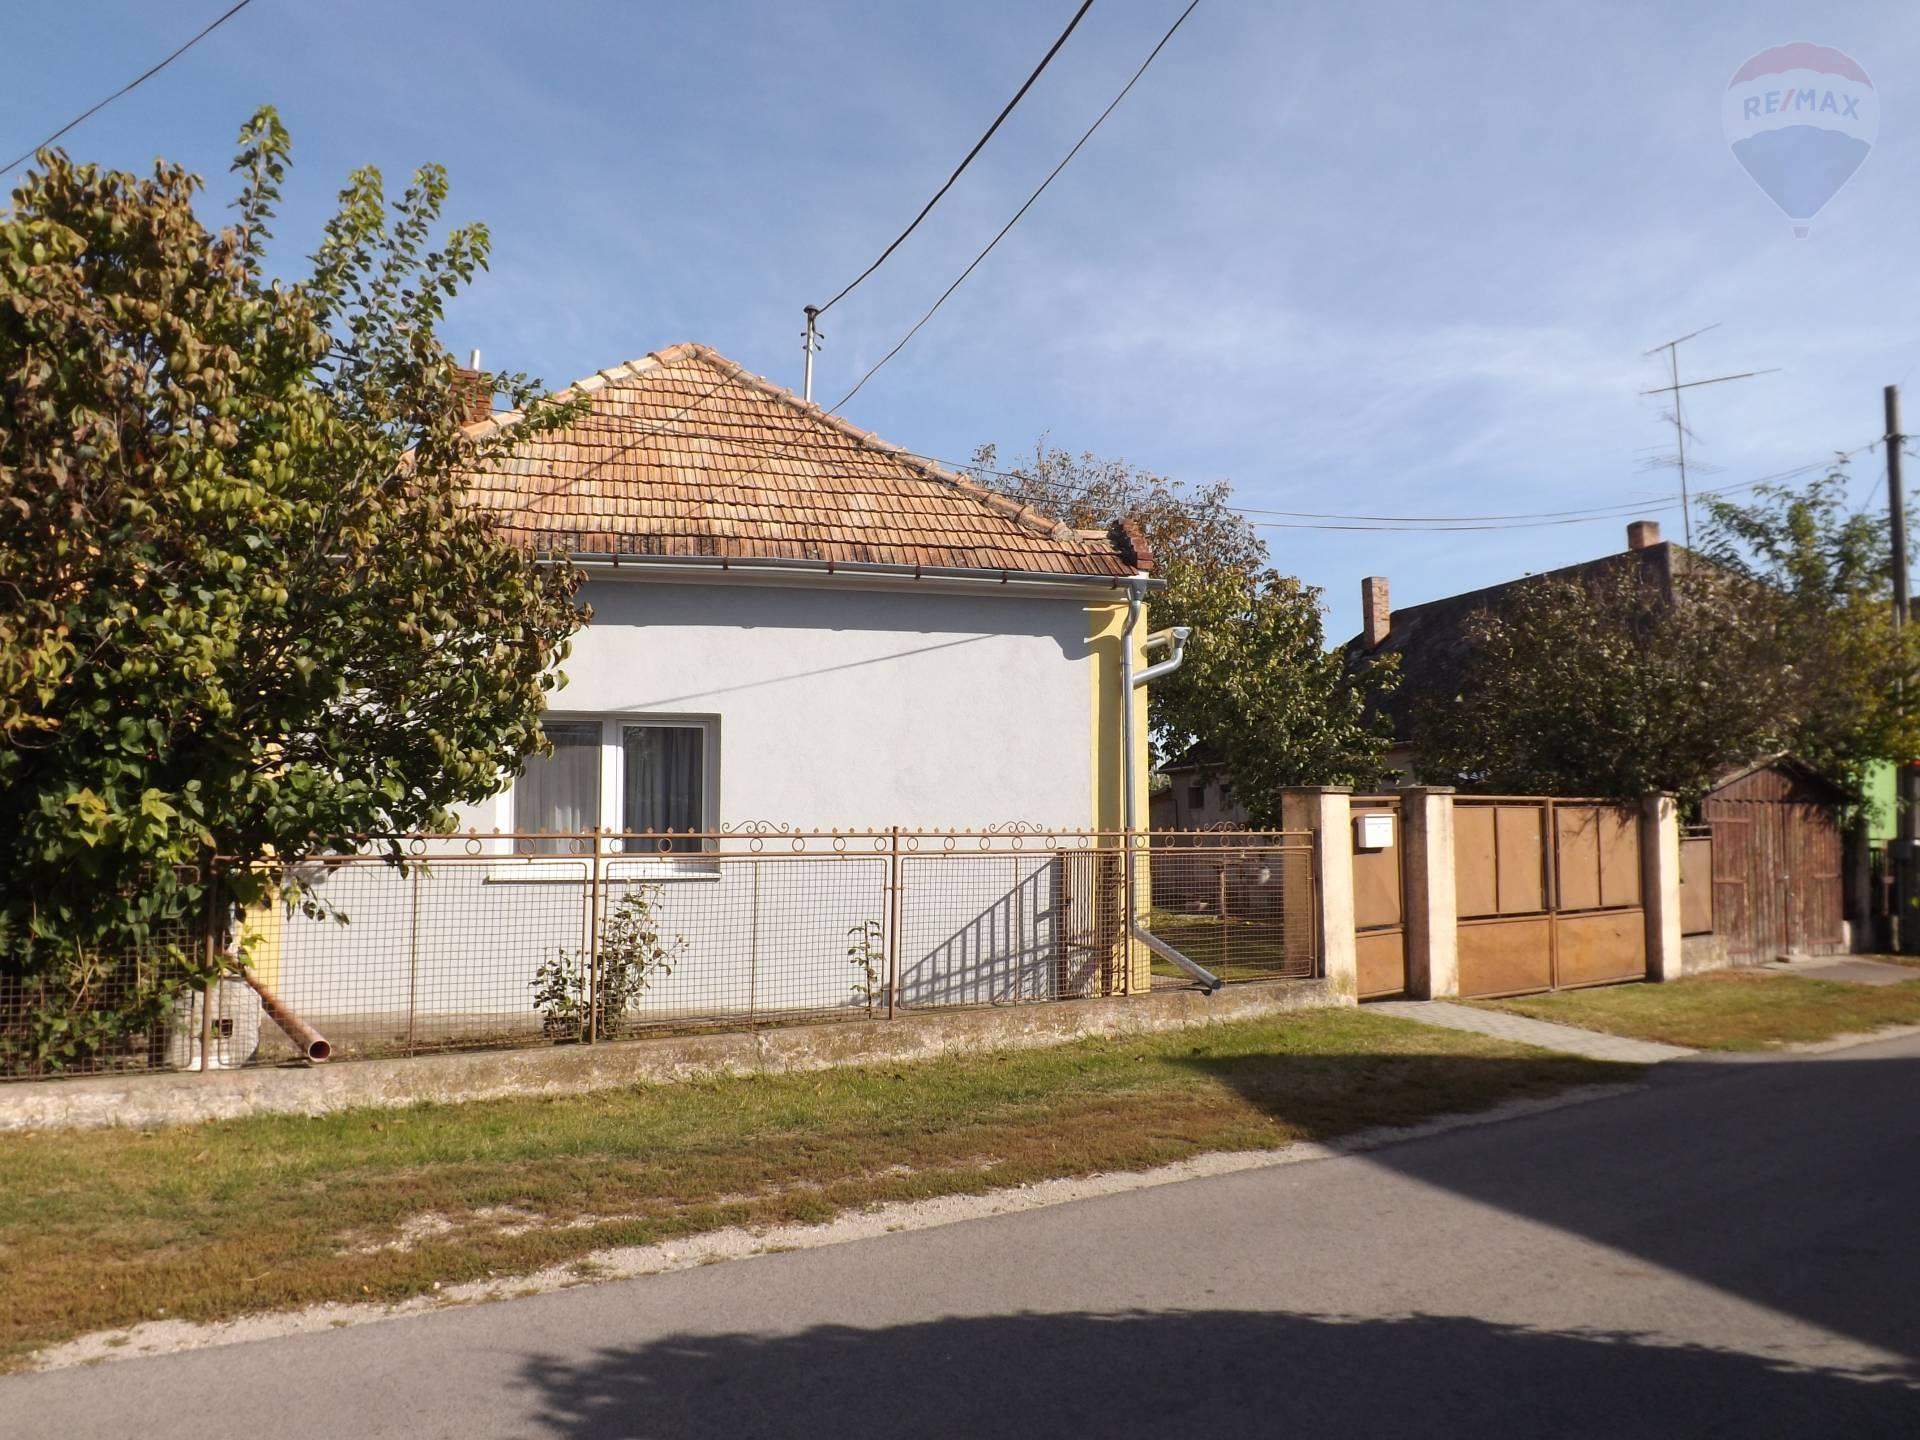 Na predaj rodinný dom, prístavba, pozemok 1017 m2, po rekonštrukcii, Veľký Meder_Ižop